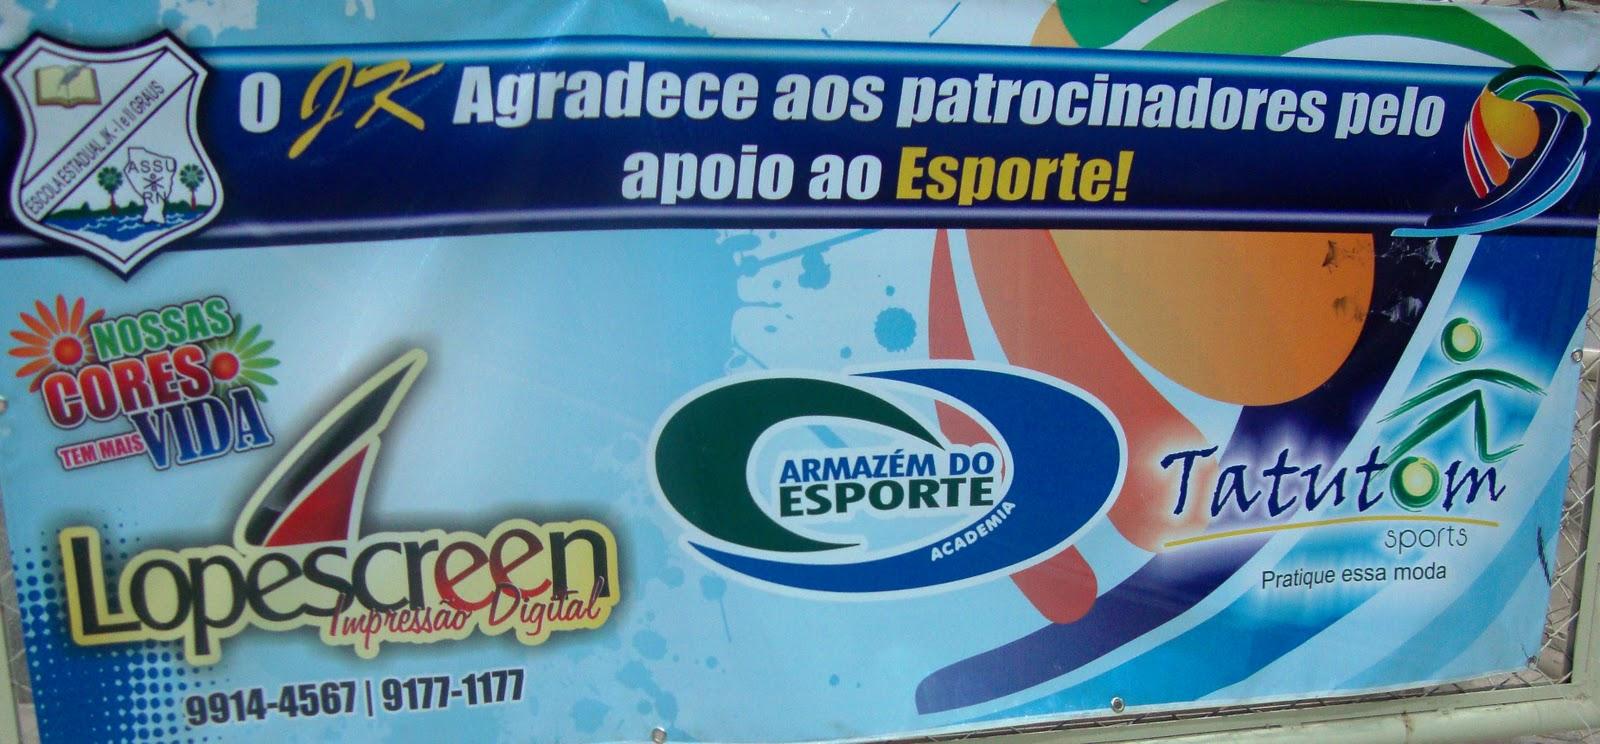 c4f95468c9 ... Ginásio de Esportes Assuense Deputado Arnóbio Abreu a decisão da 11ª  Edição do Campeonato de férias de Volley-ball